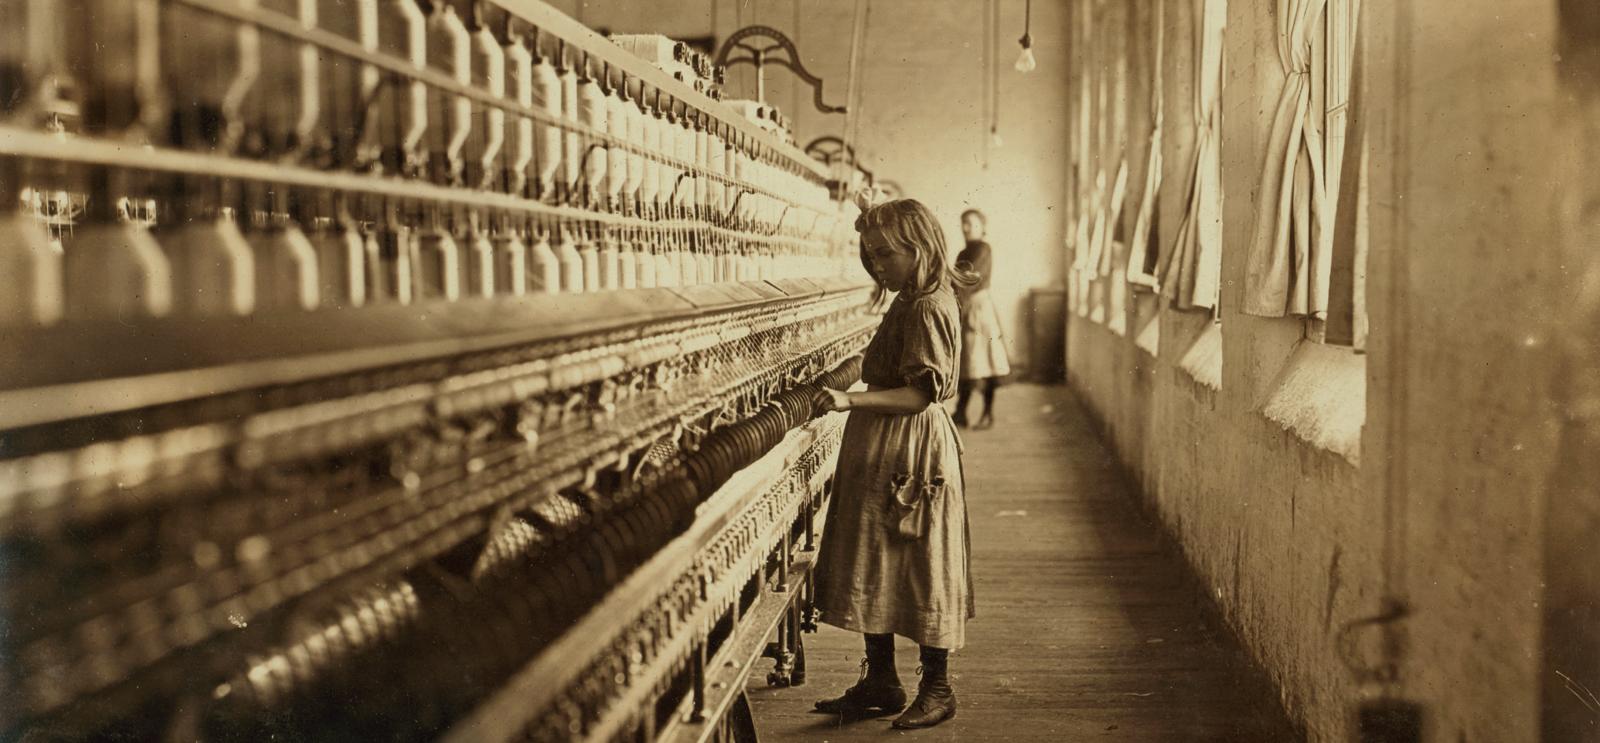 finla female labor supply - 1600×743